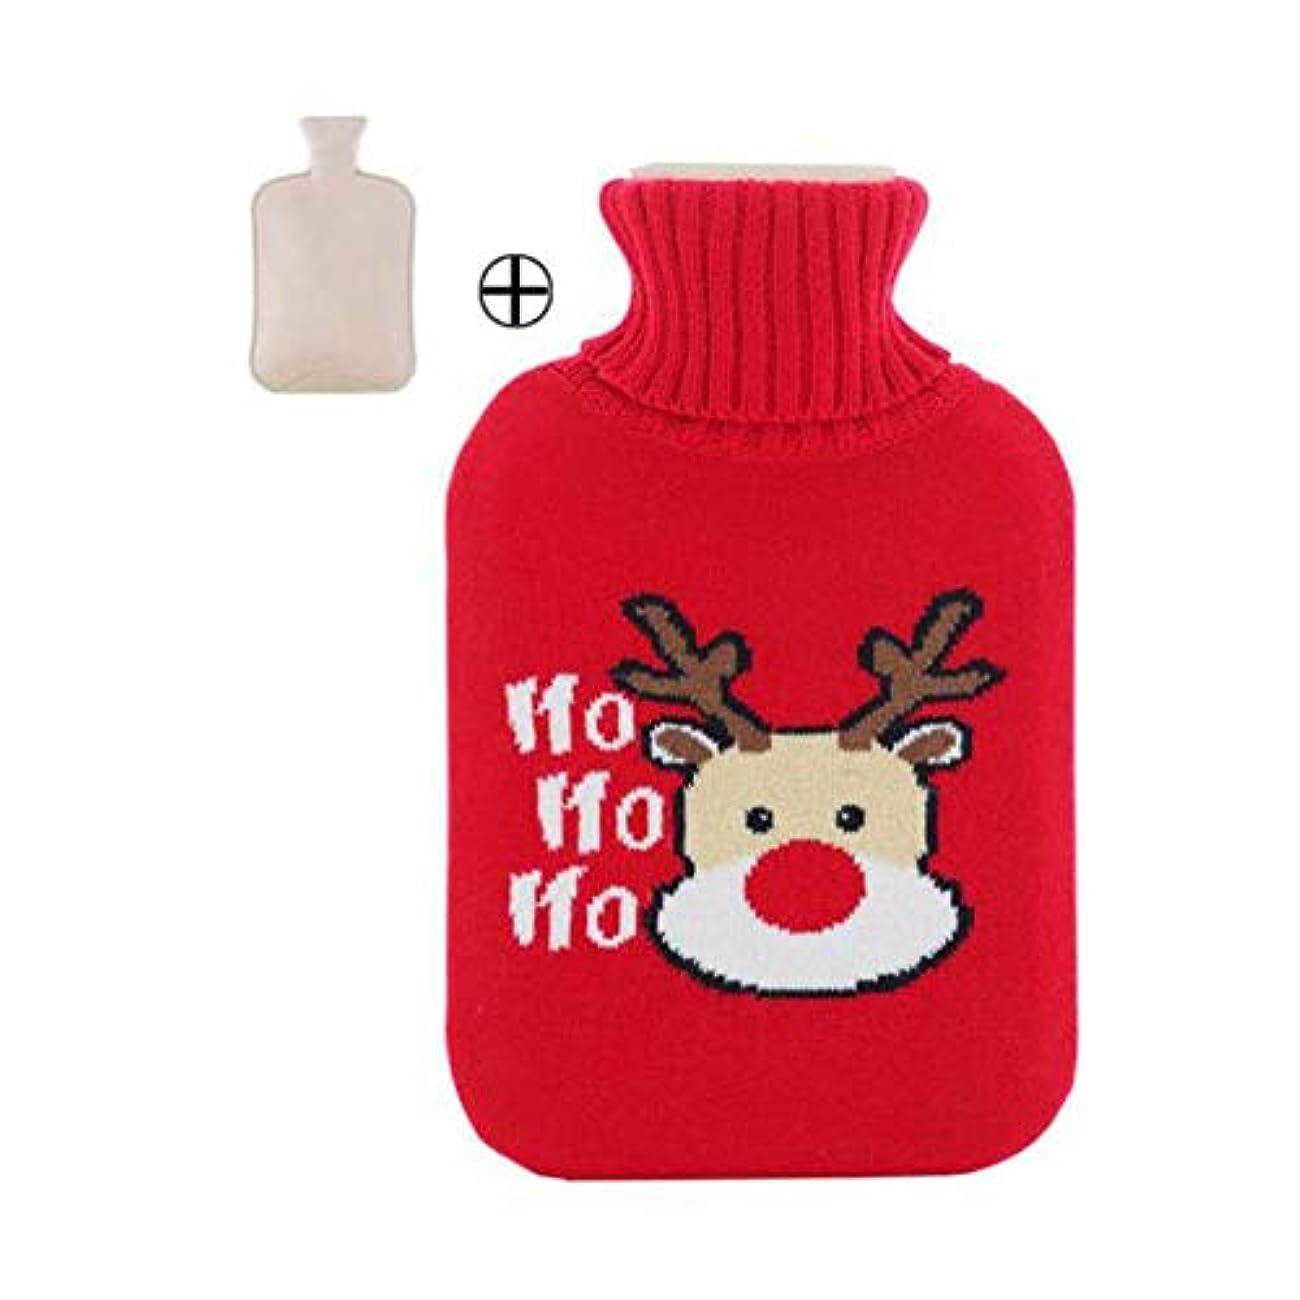 回転させるインスタント警報ホットウォーターボトル大温かいクリスマススタイルのウォーターボトル2L